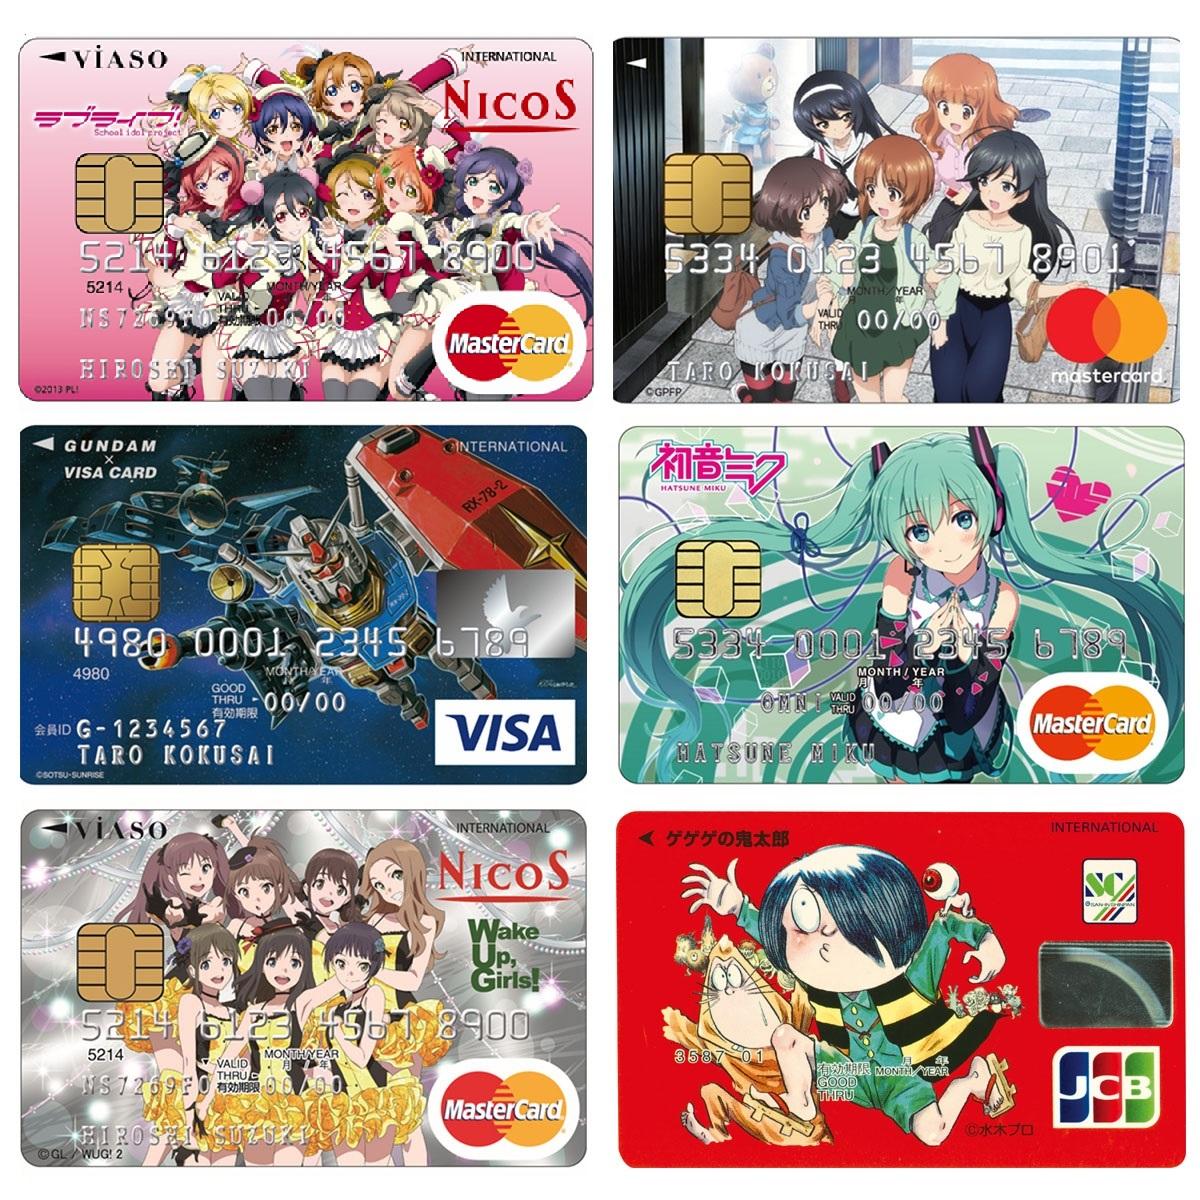 限定グッズももらえる! 人気アニメとコラボしたクレジットカードを一挙紹介